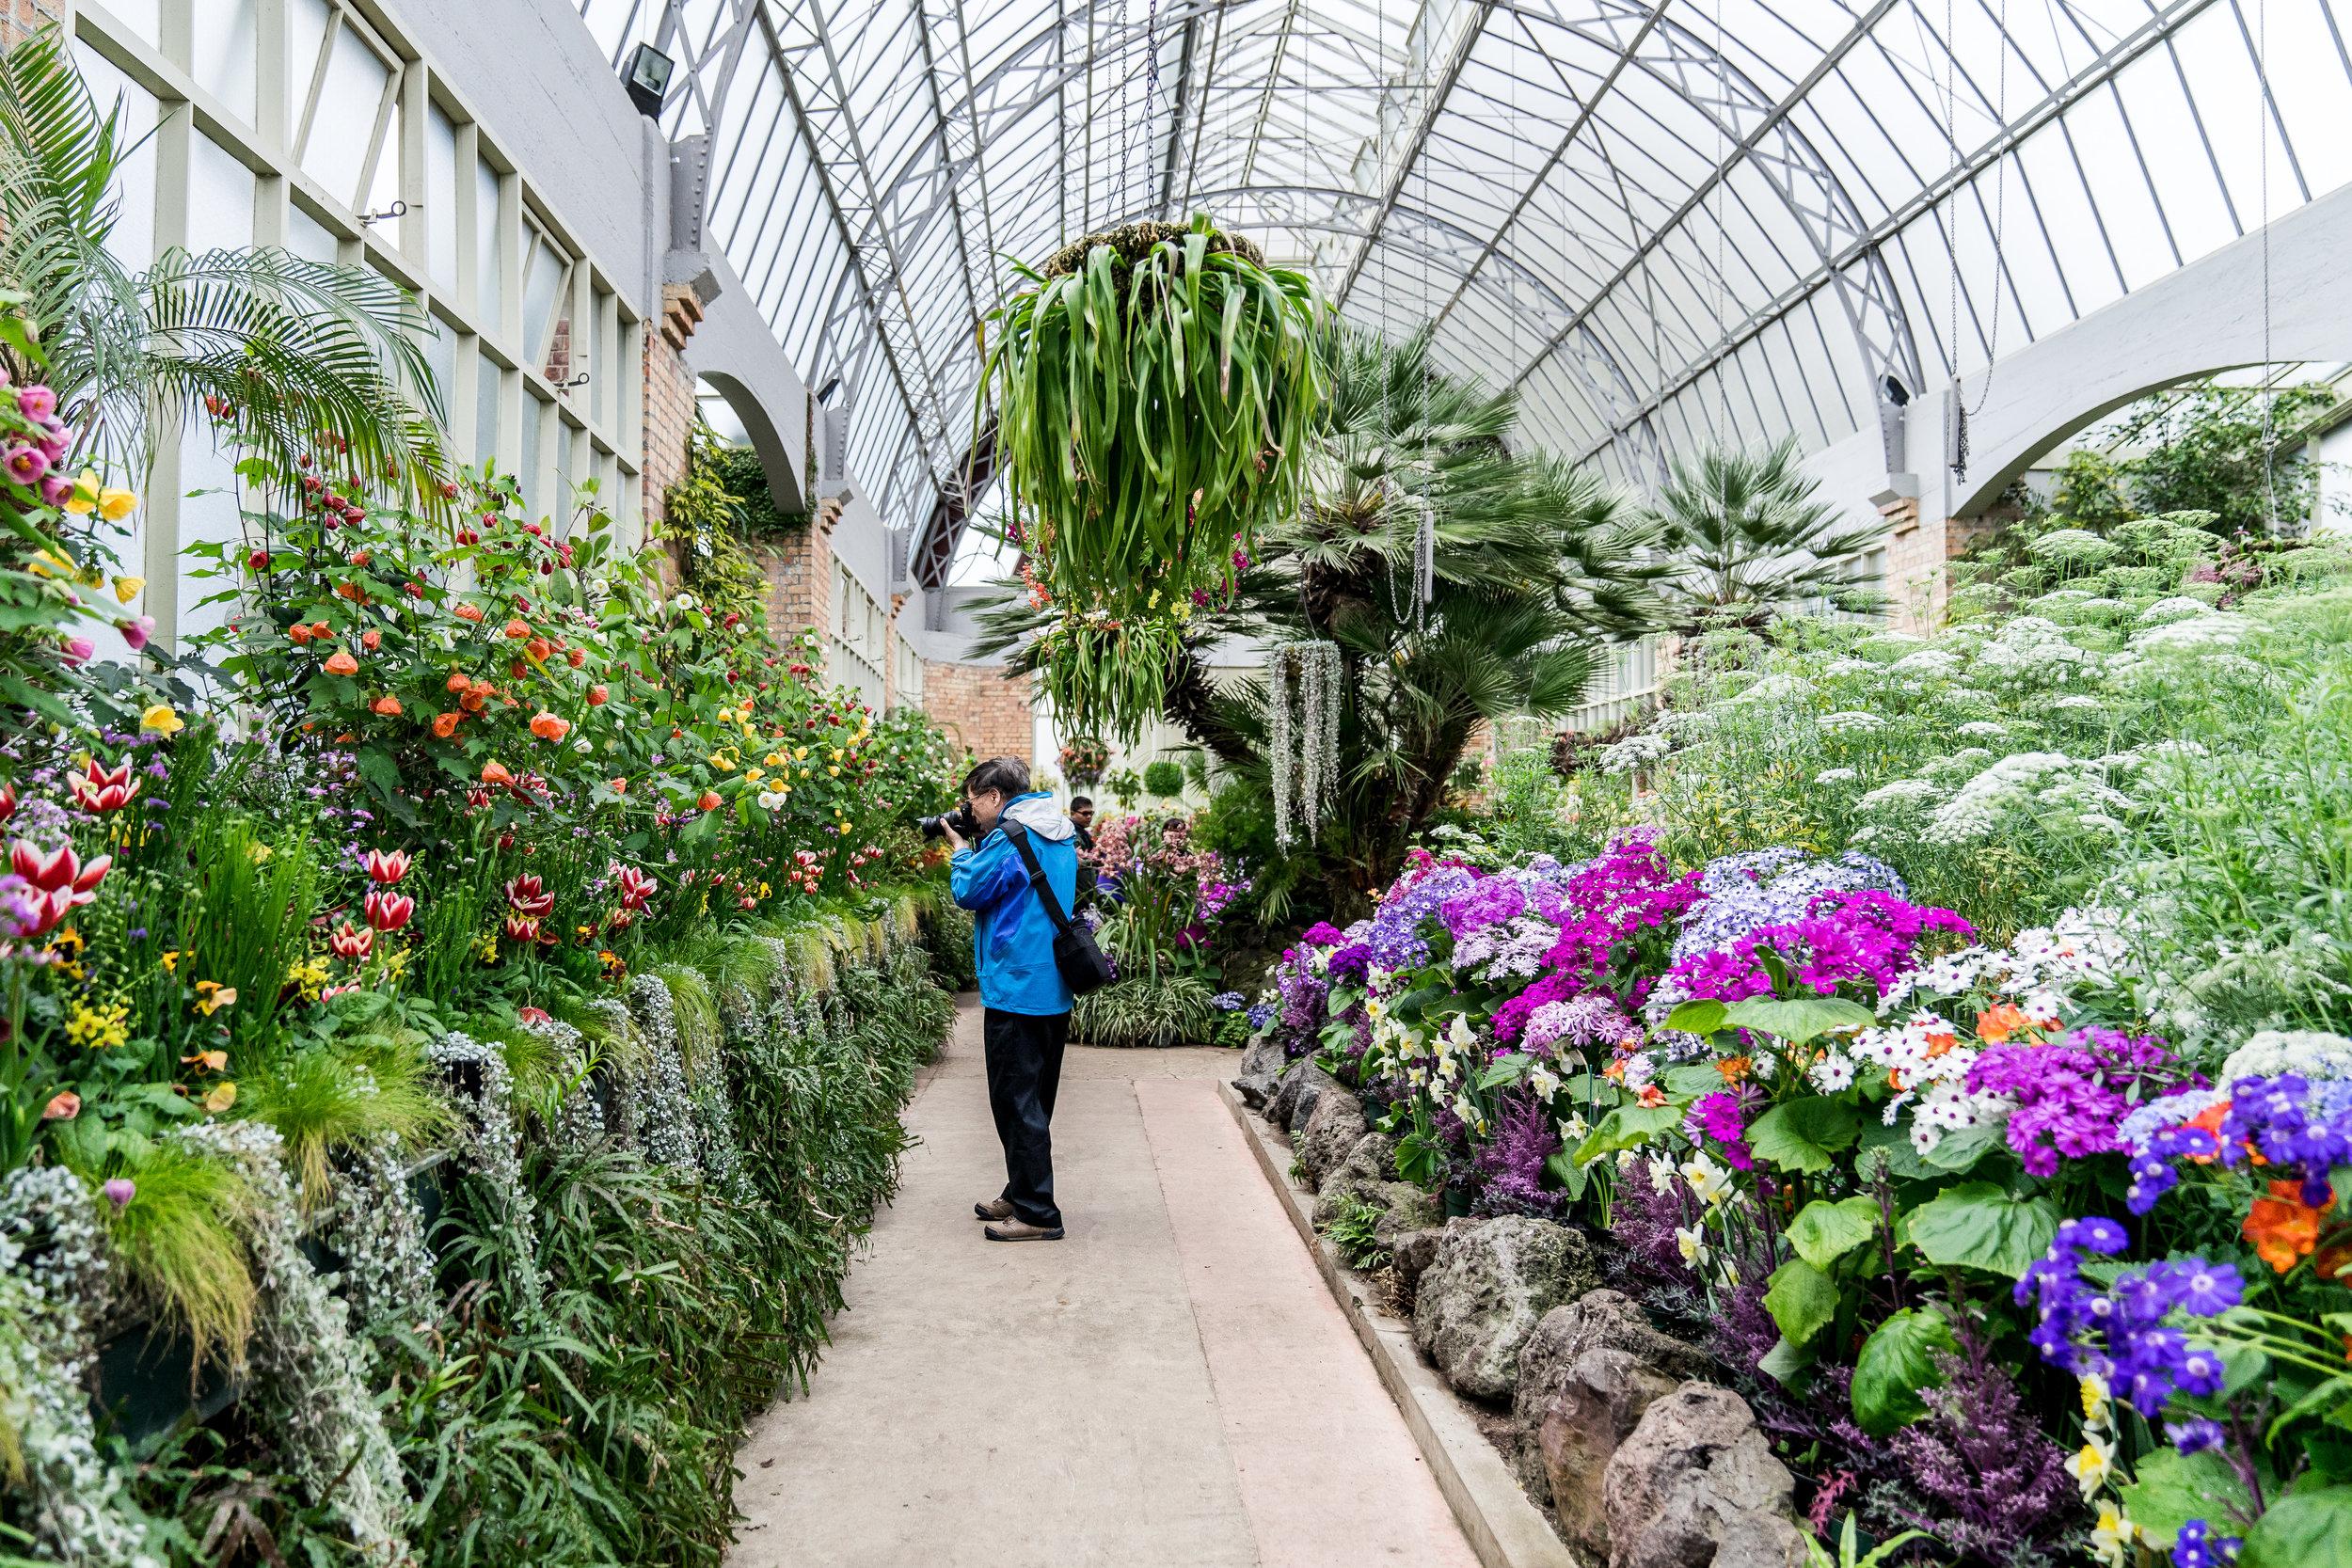 Wintergardens Auckland Interior 1